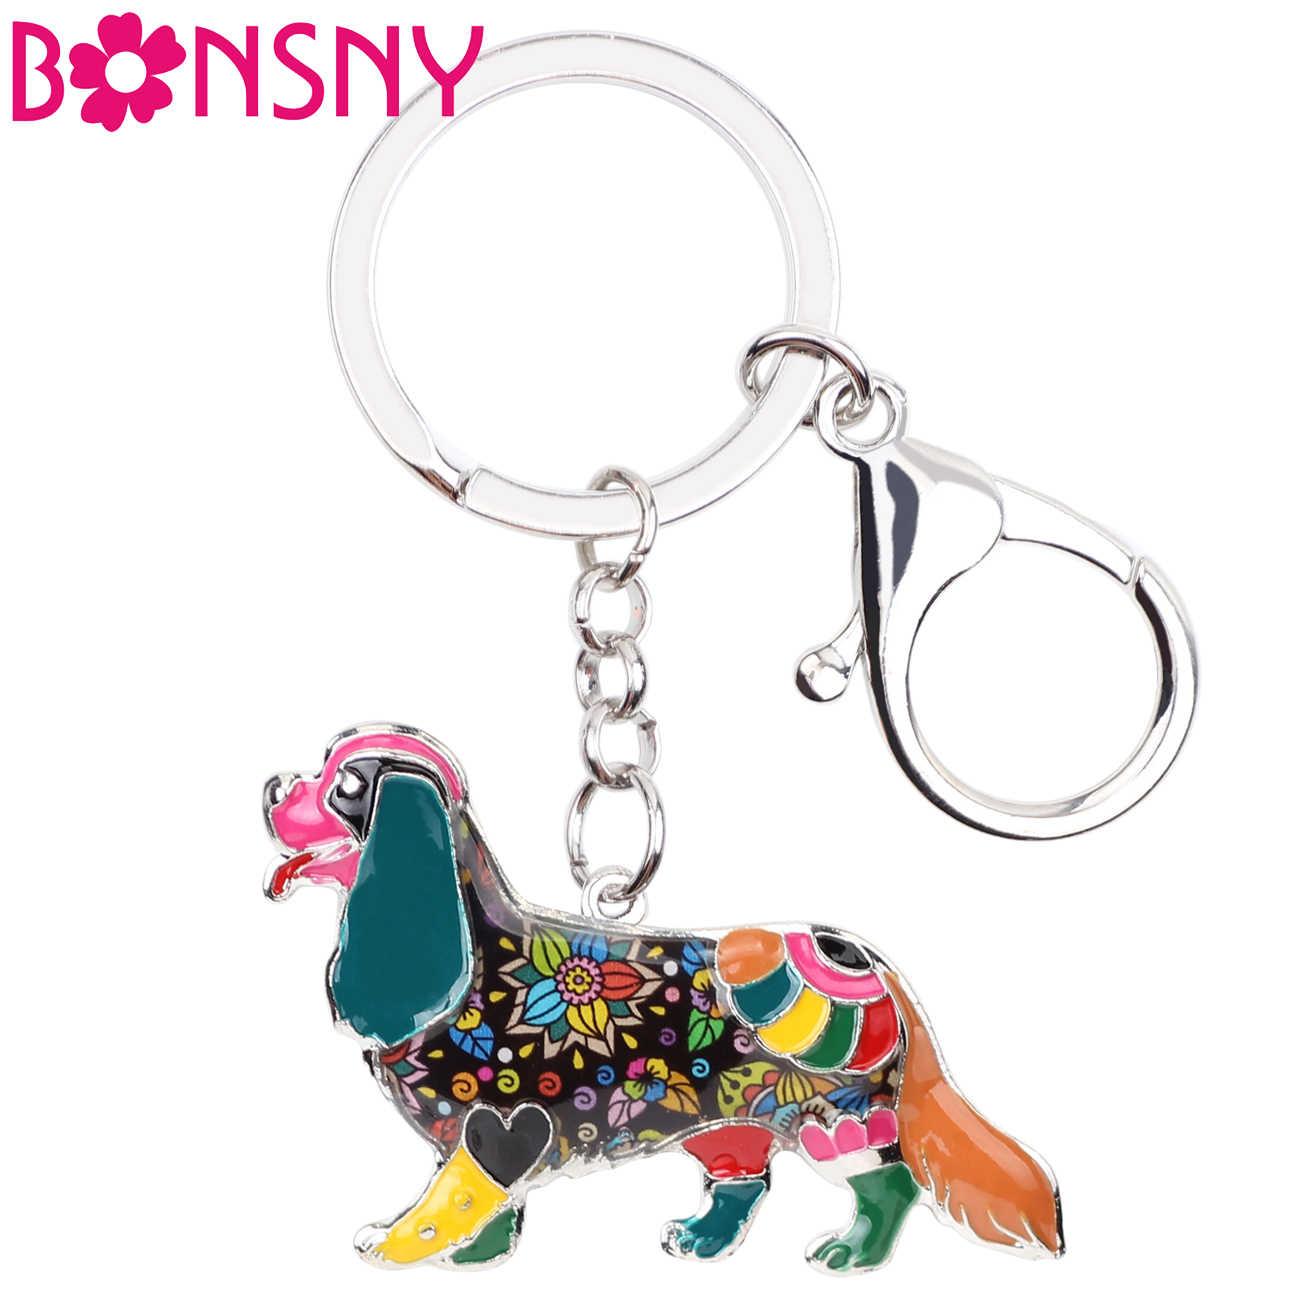 Bonsny эмаль кавалер король Шарль спаниель брелок кольцо для ключей с сумочкой сумка Шарм брелки с собаками подарки сувенир ювелирные изделия для женщин